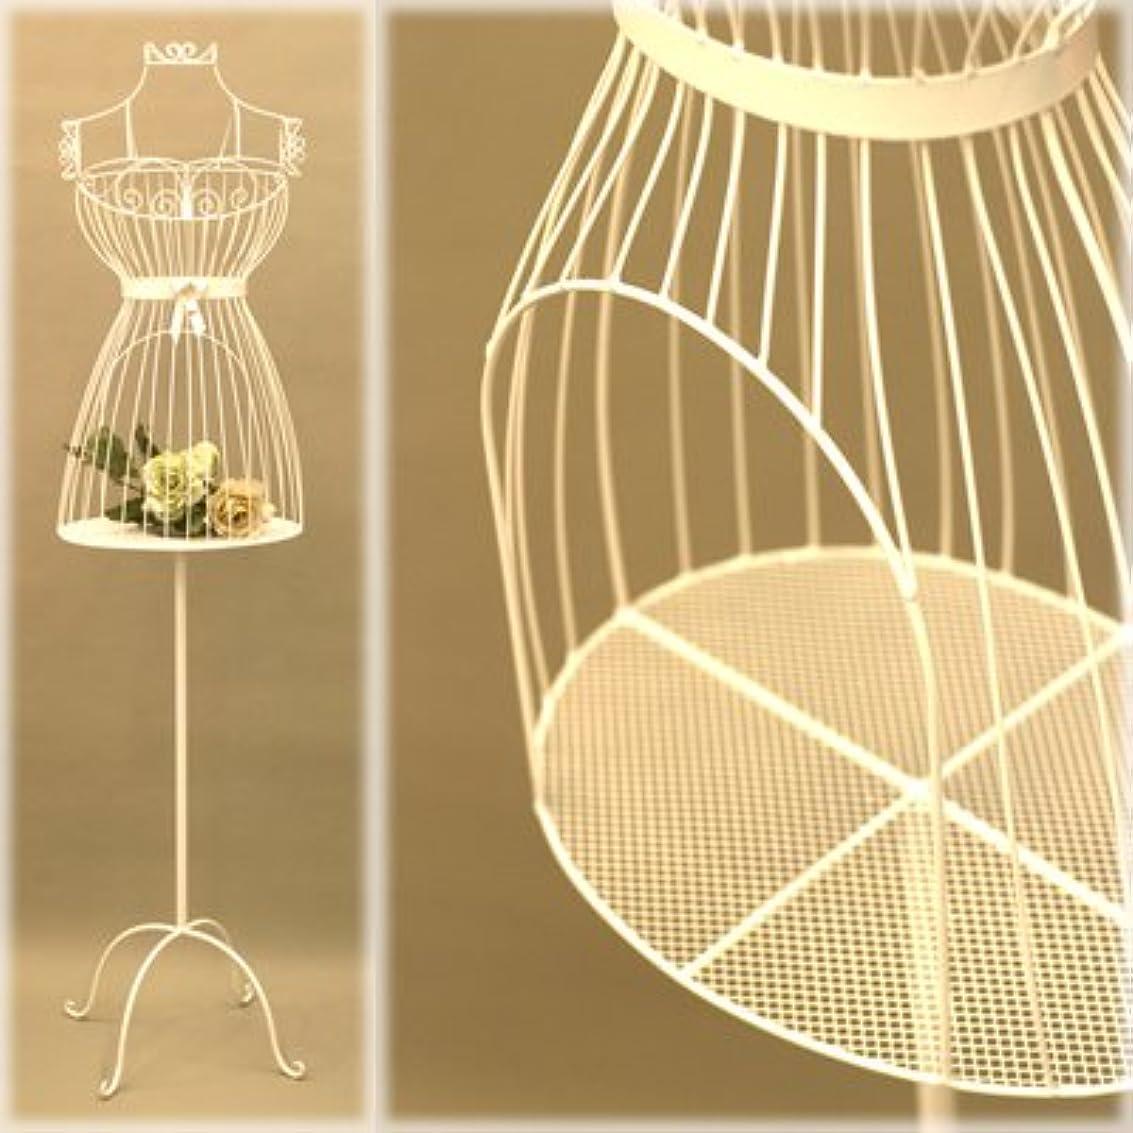 揮発性高揚した広がりマネキン ボディ トルソー 姫家具 :interior-ak-SA881874 (クリーム)